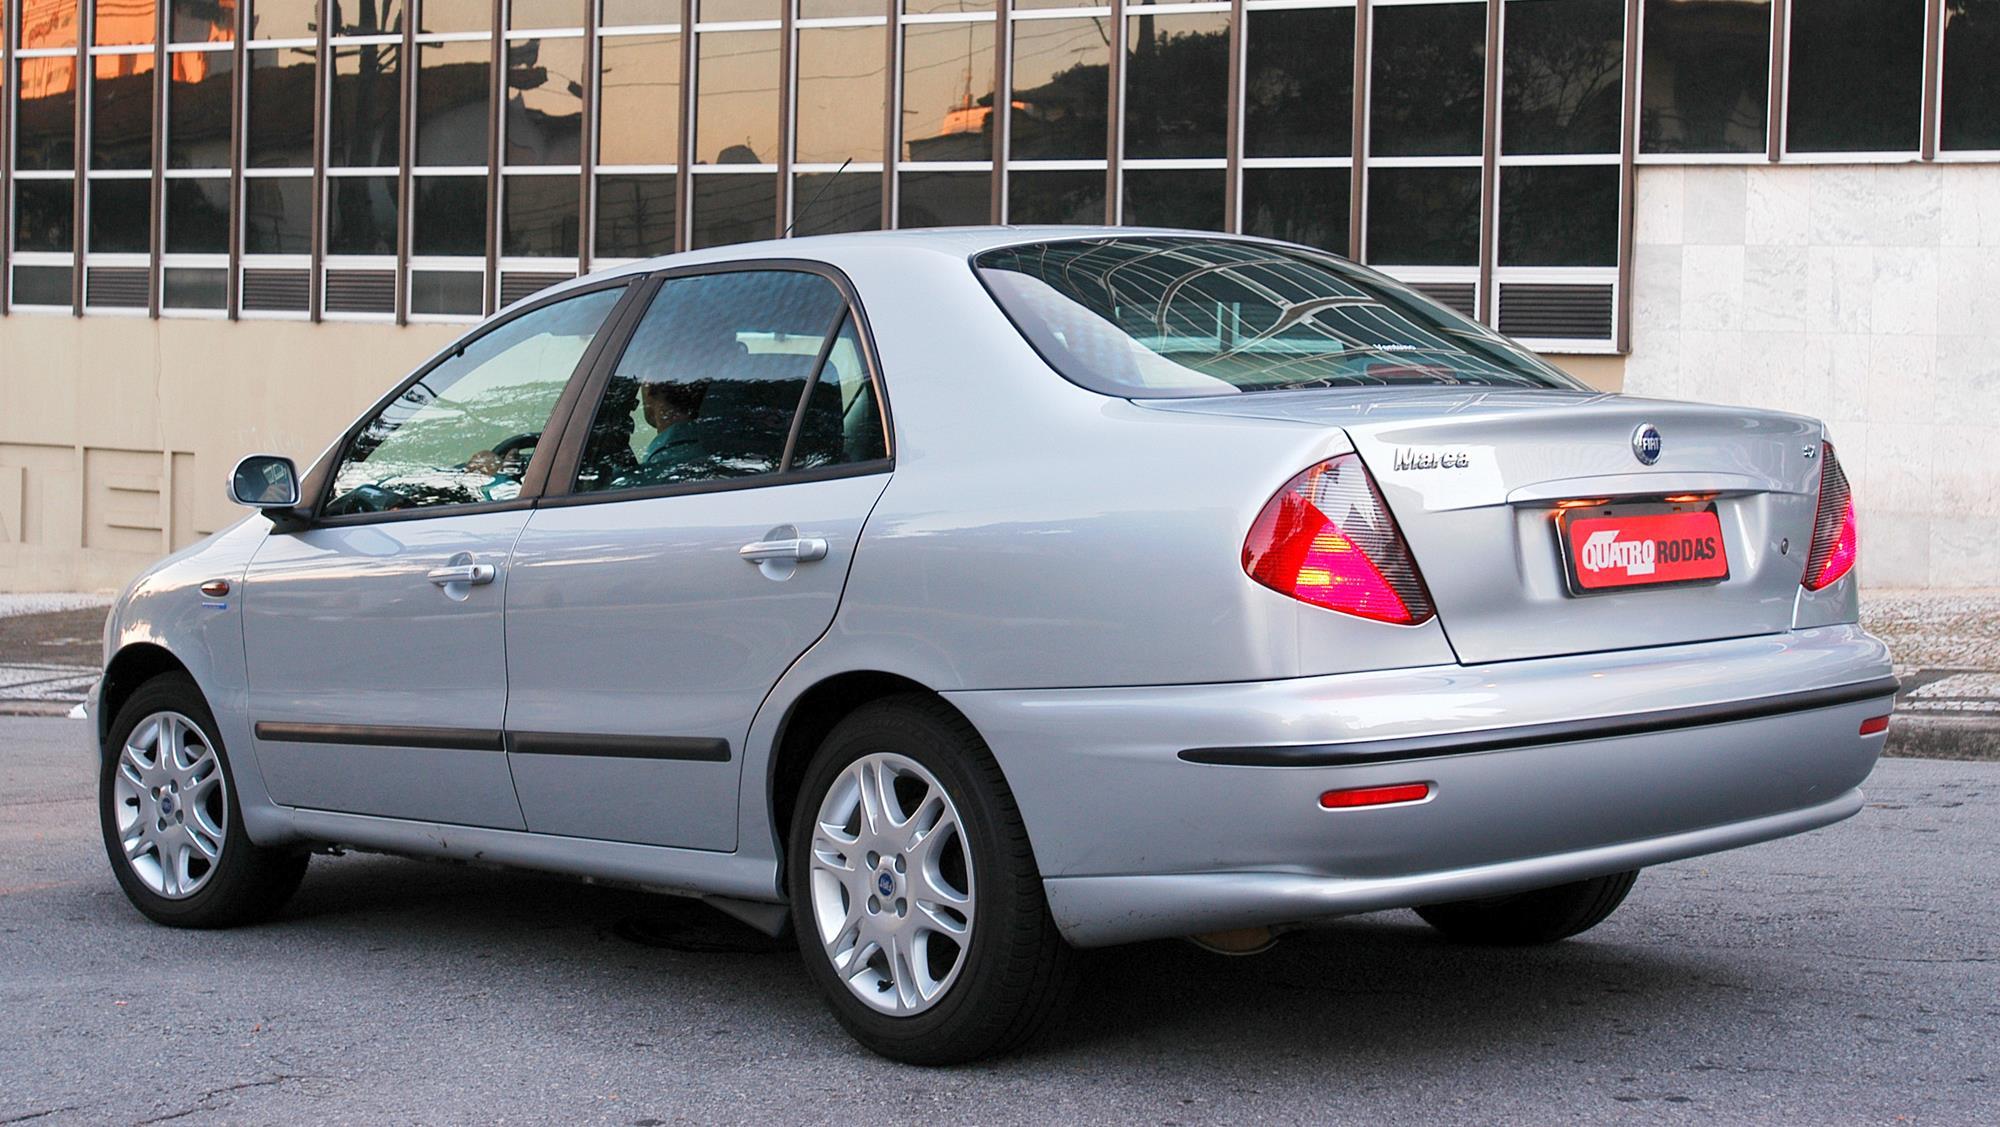 Marea SX 1.6 16V, modelo 2005 da Fiat, testado pela revista Quatro Rodas.